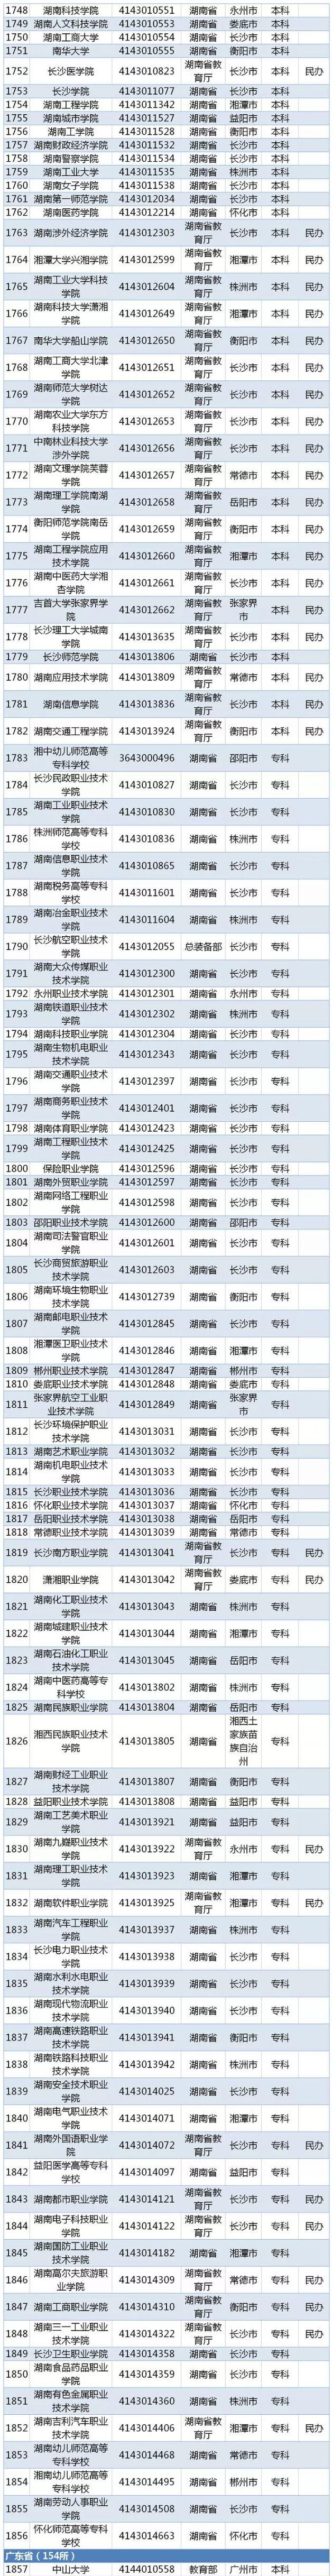 教育部发布2019全国高校名单(2956所正规大学)